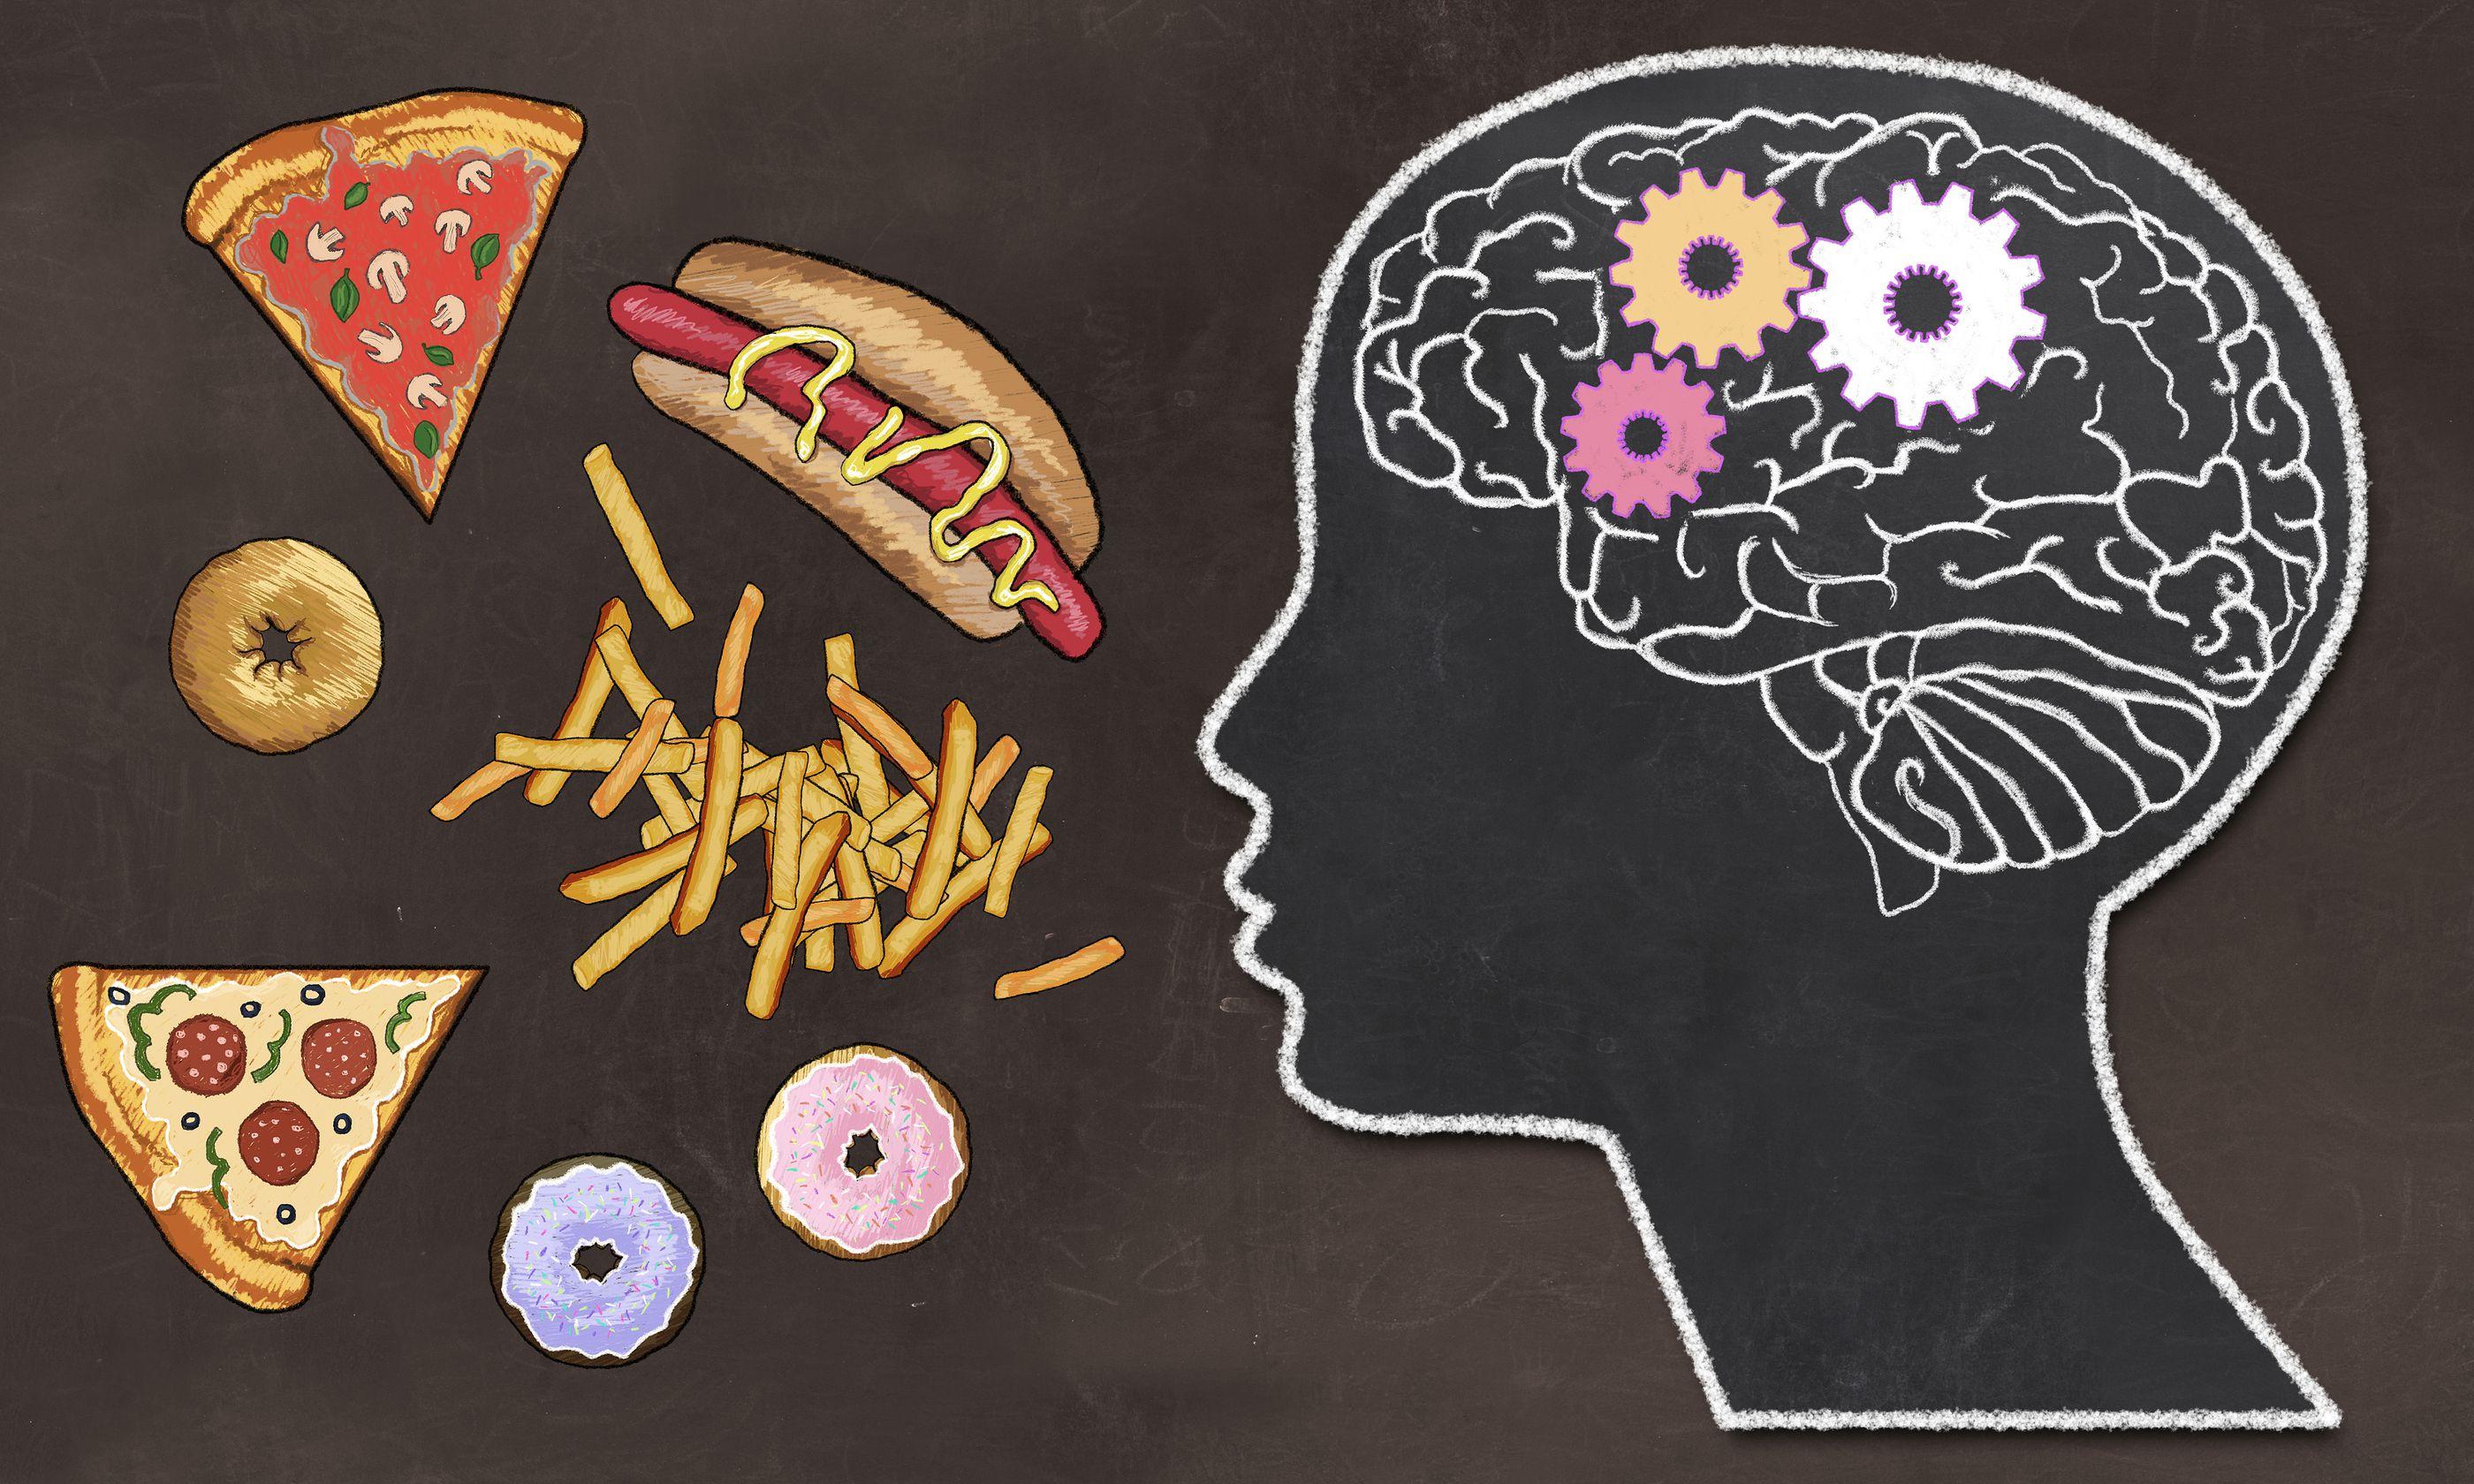 Eating Disorders, Eating Disorders